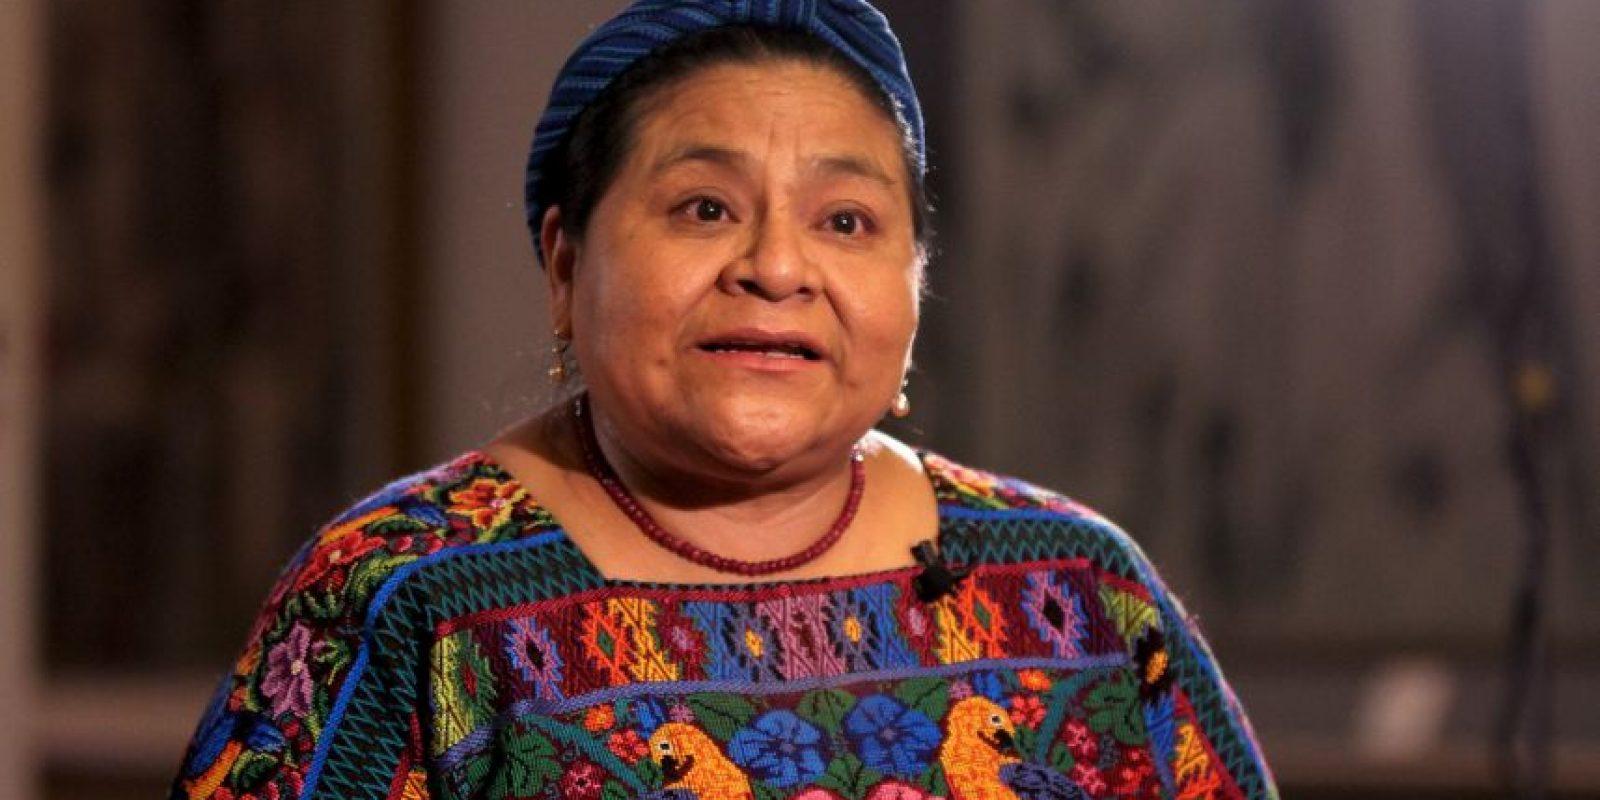 Fue distinguida con el Premio Nobel de la Paz en 1992 Foto:Wikipedia